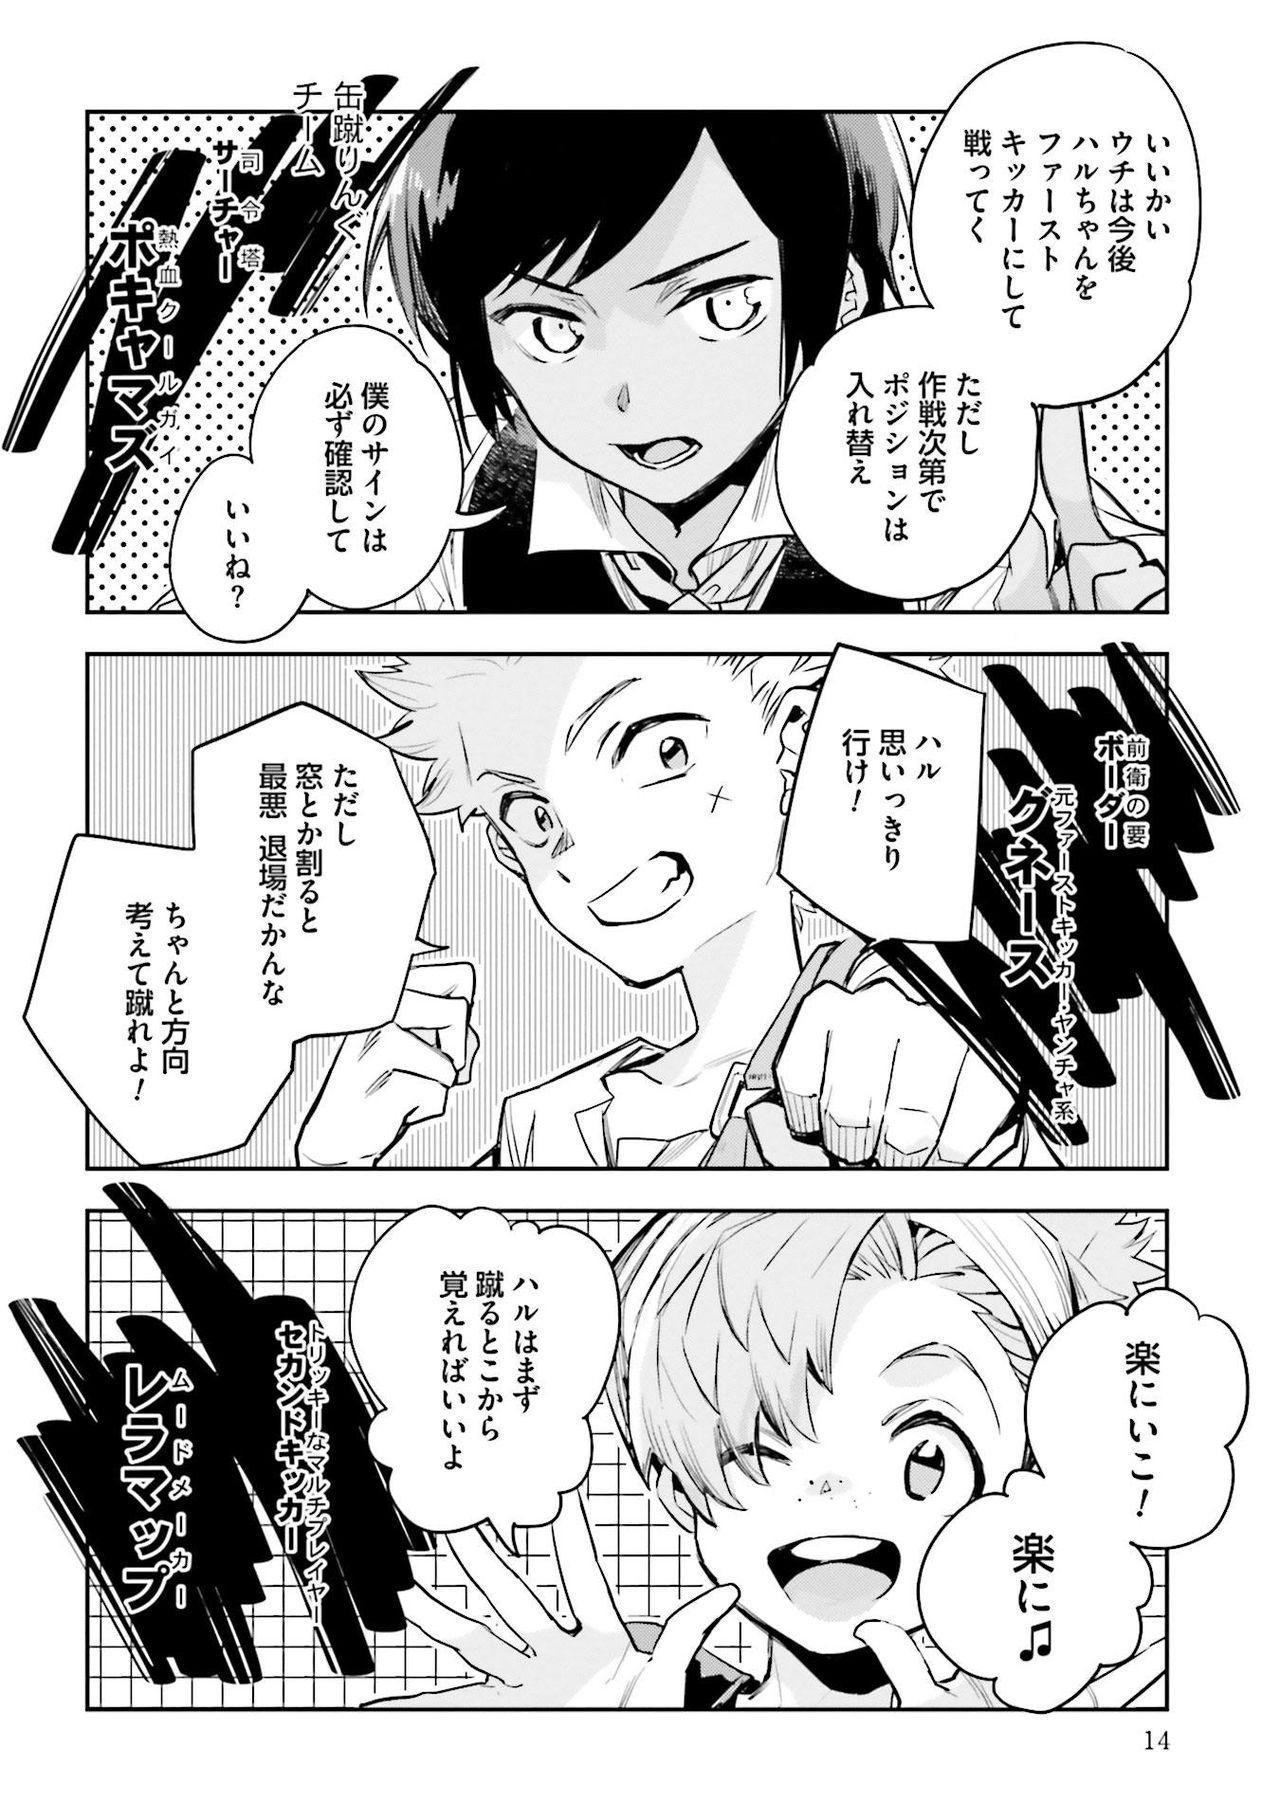 JK Haru wa Isekai de Shoufu ni Natta 1-14 373